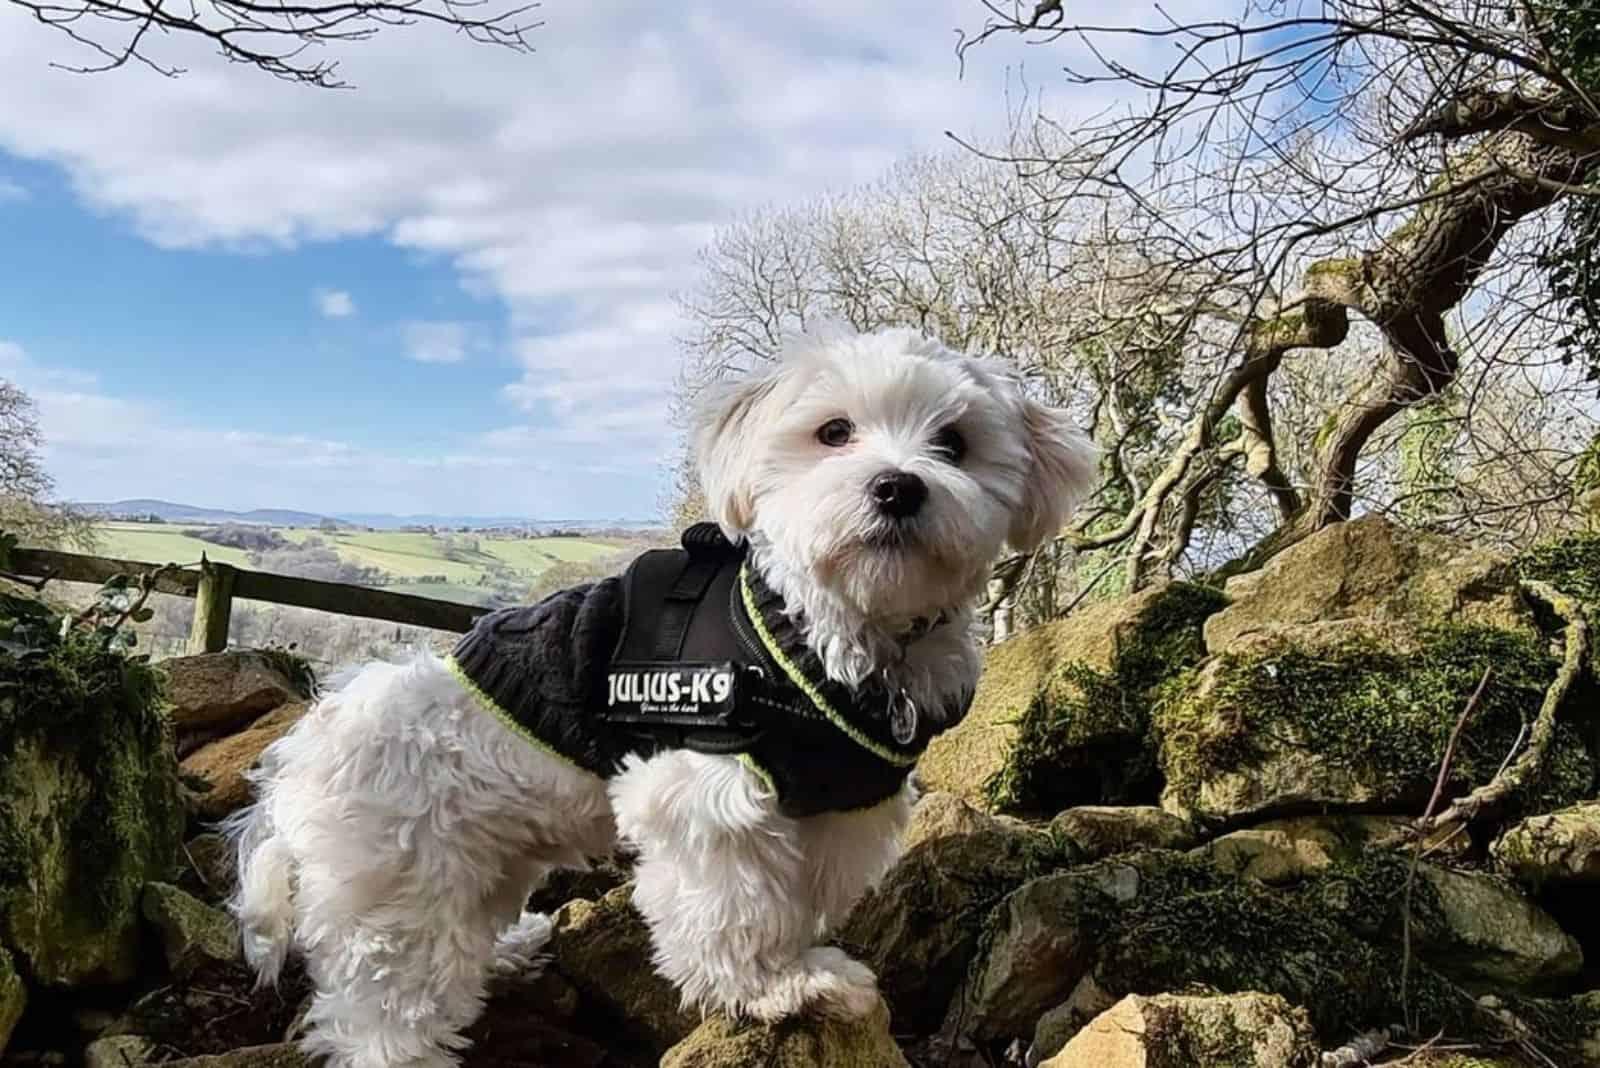 Kyi Leo hund in der natur